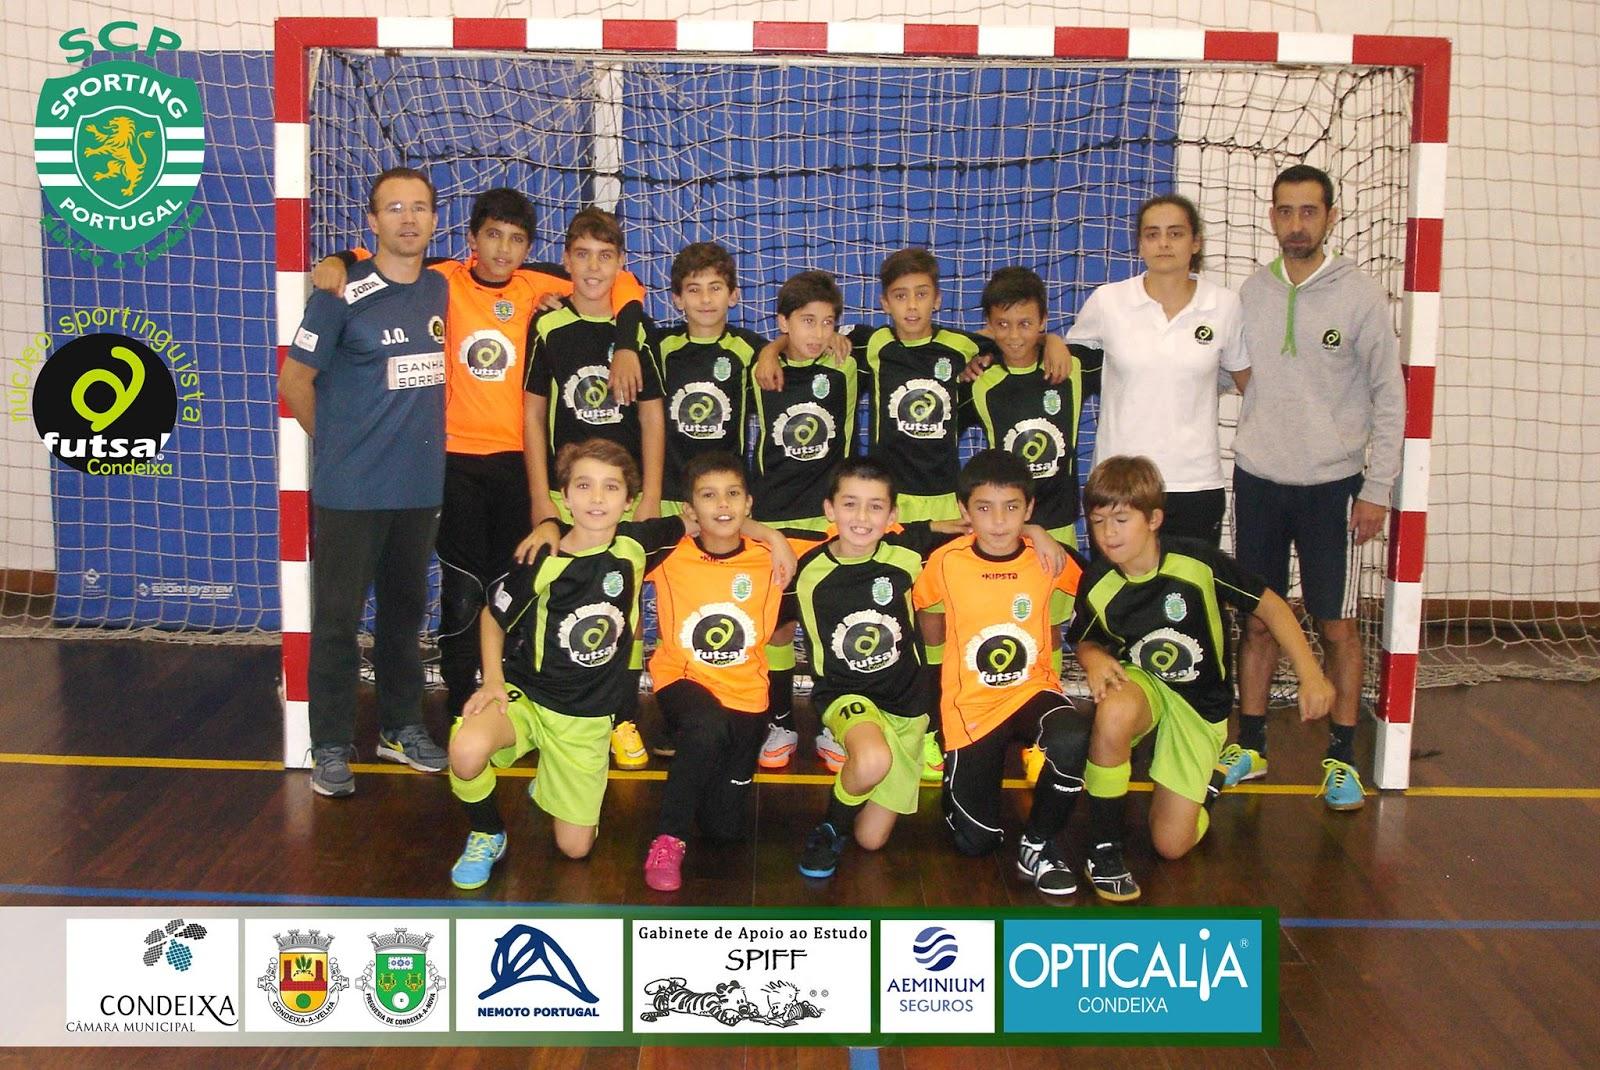 c42db4057433a ... Futsal da Mealhada. Foi o primeiro teste da turma orientada pelo prof.  Pedro Fafiães para a nossa maltinha que continua a crescer no caminho  desejado.